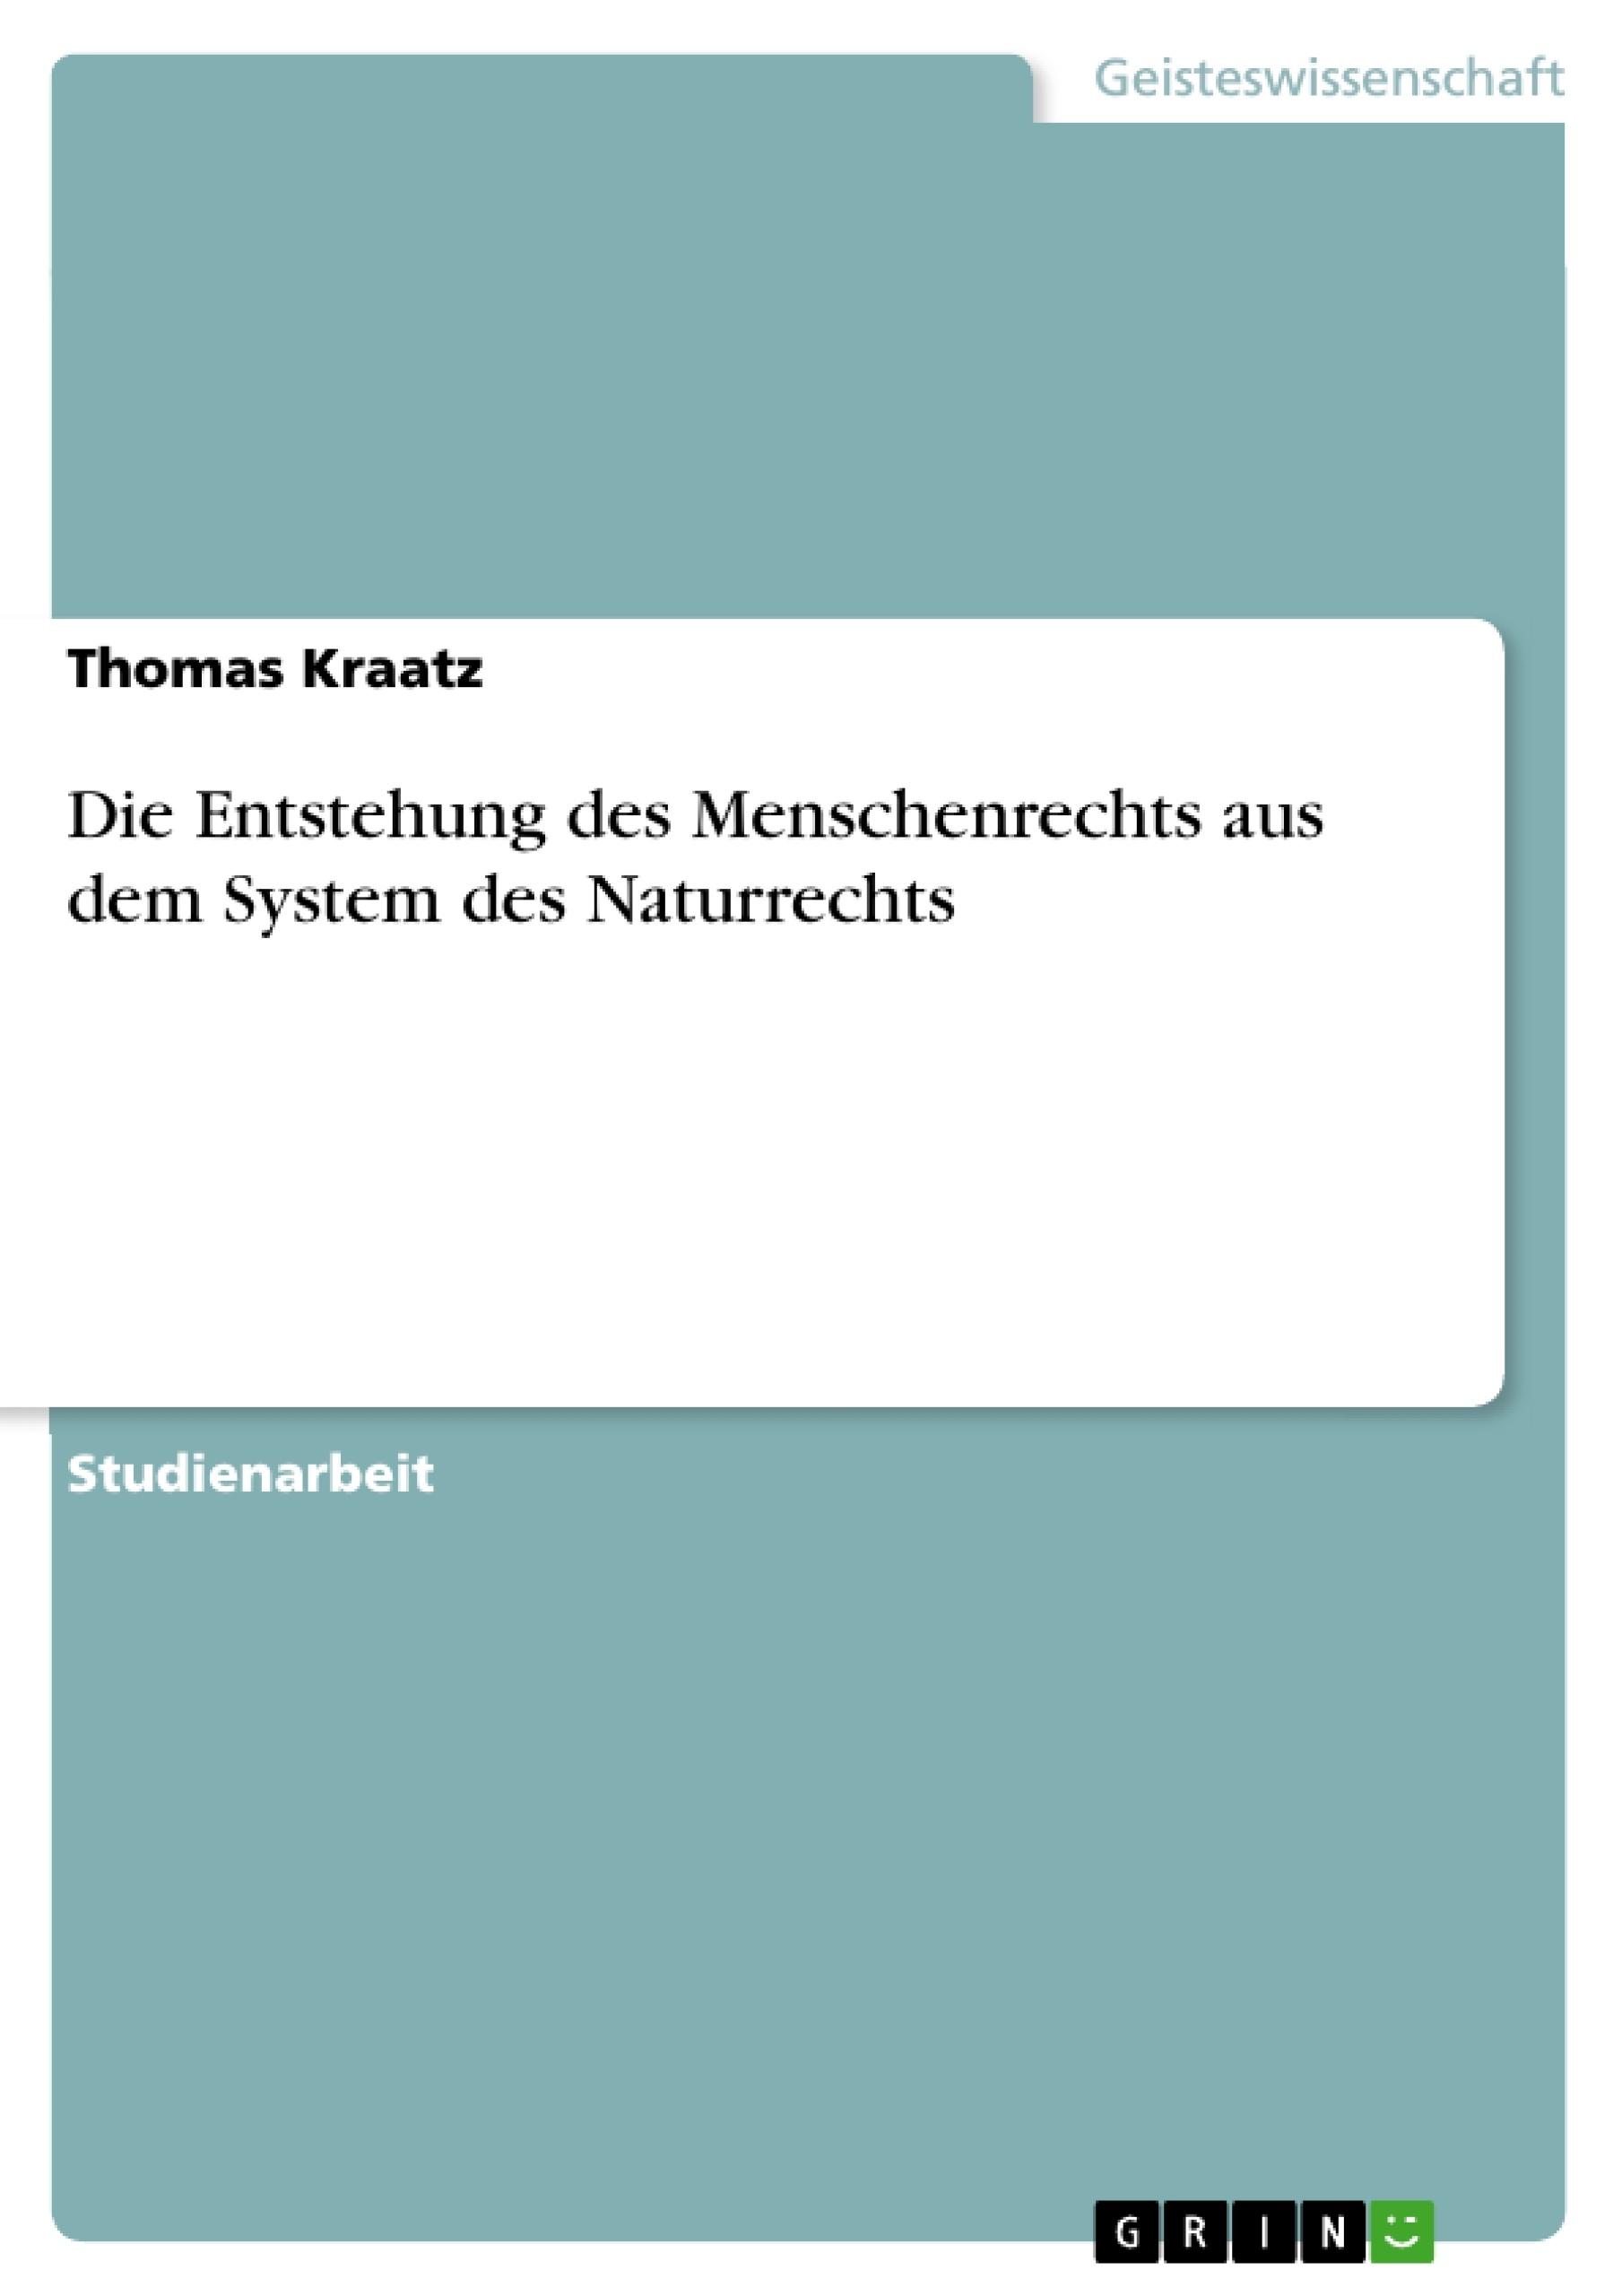 Titel: Die Entstehung des Menschenrechts aus dem System des Naturrechts